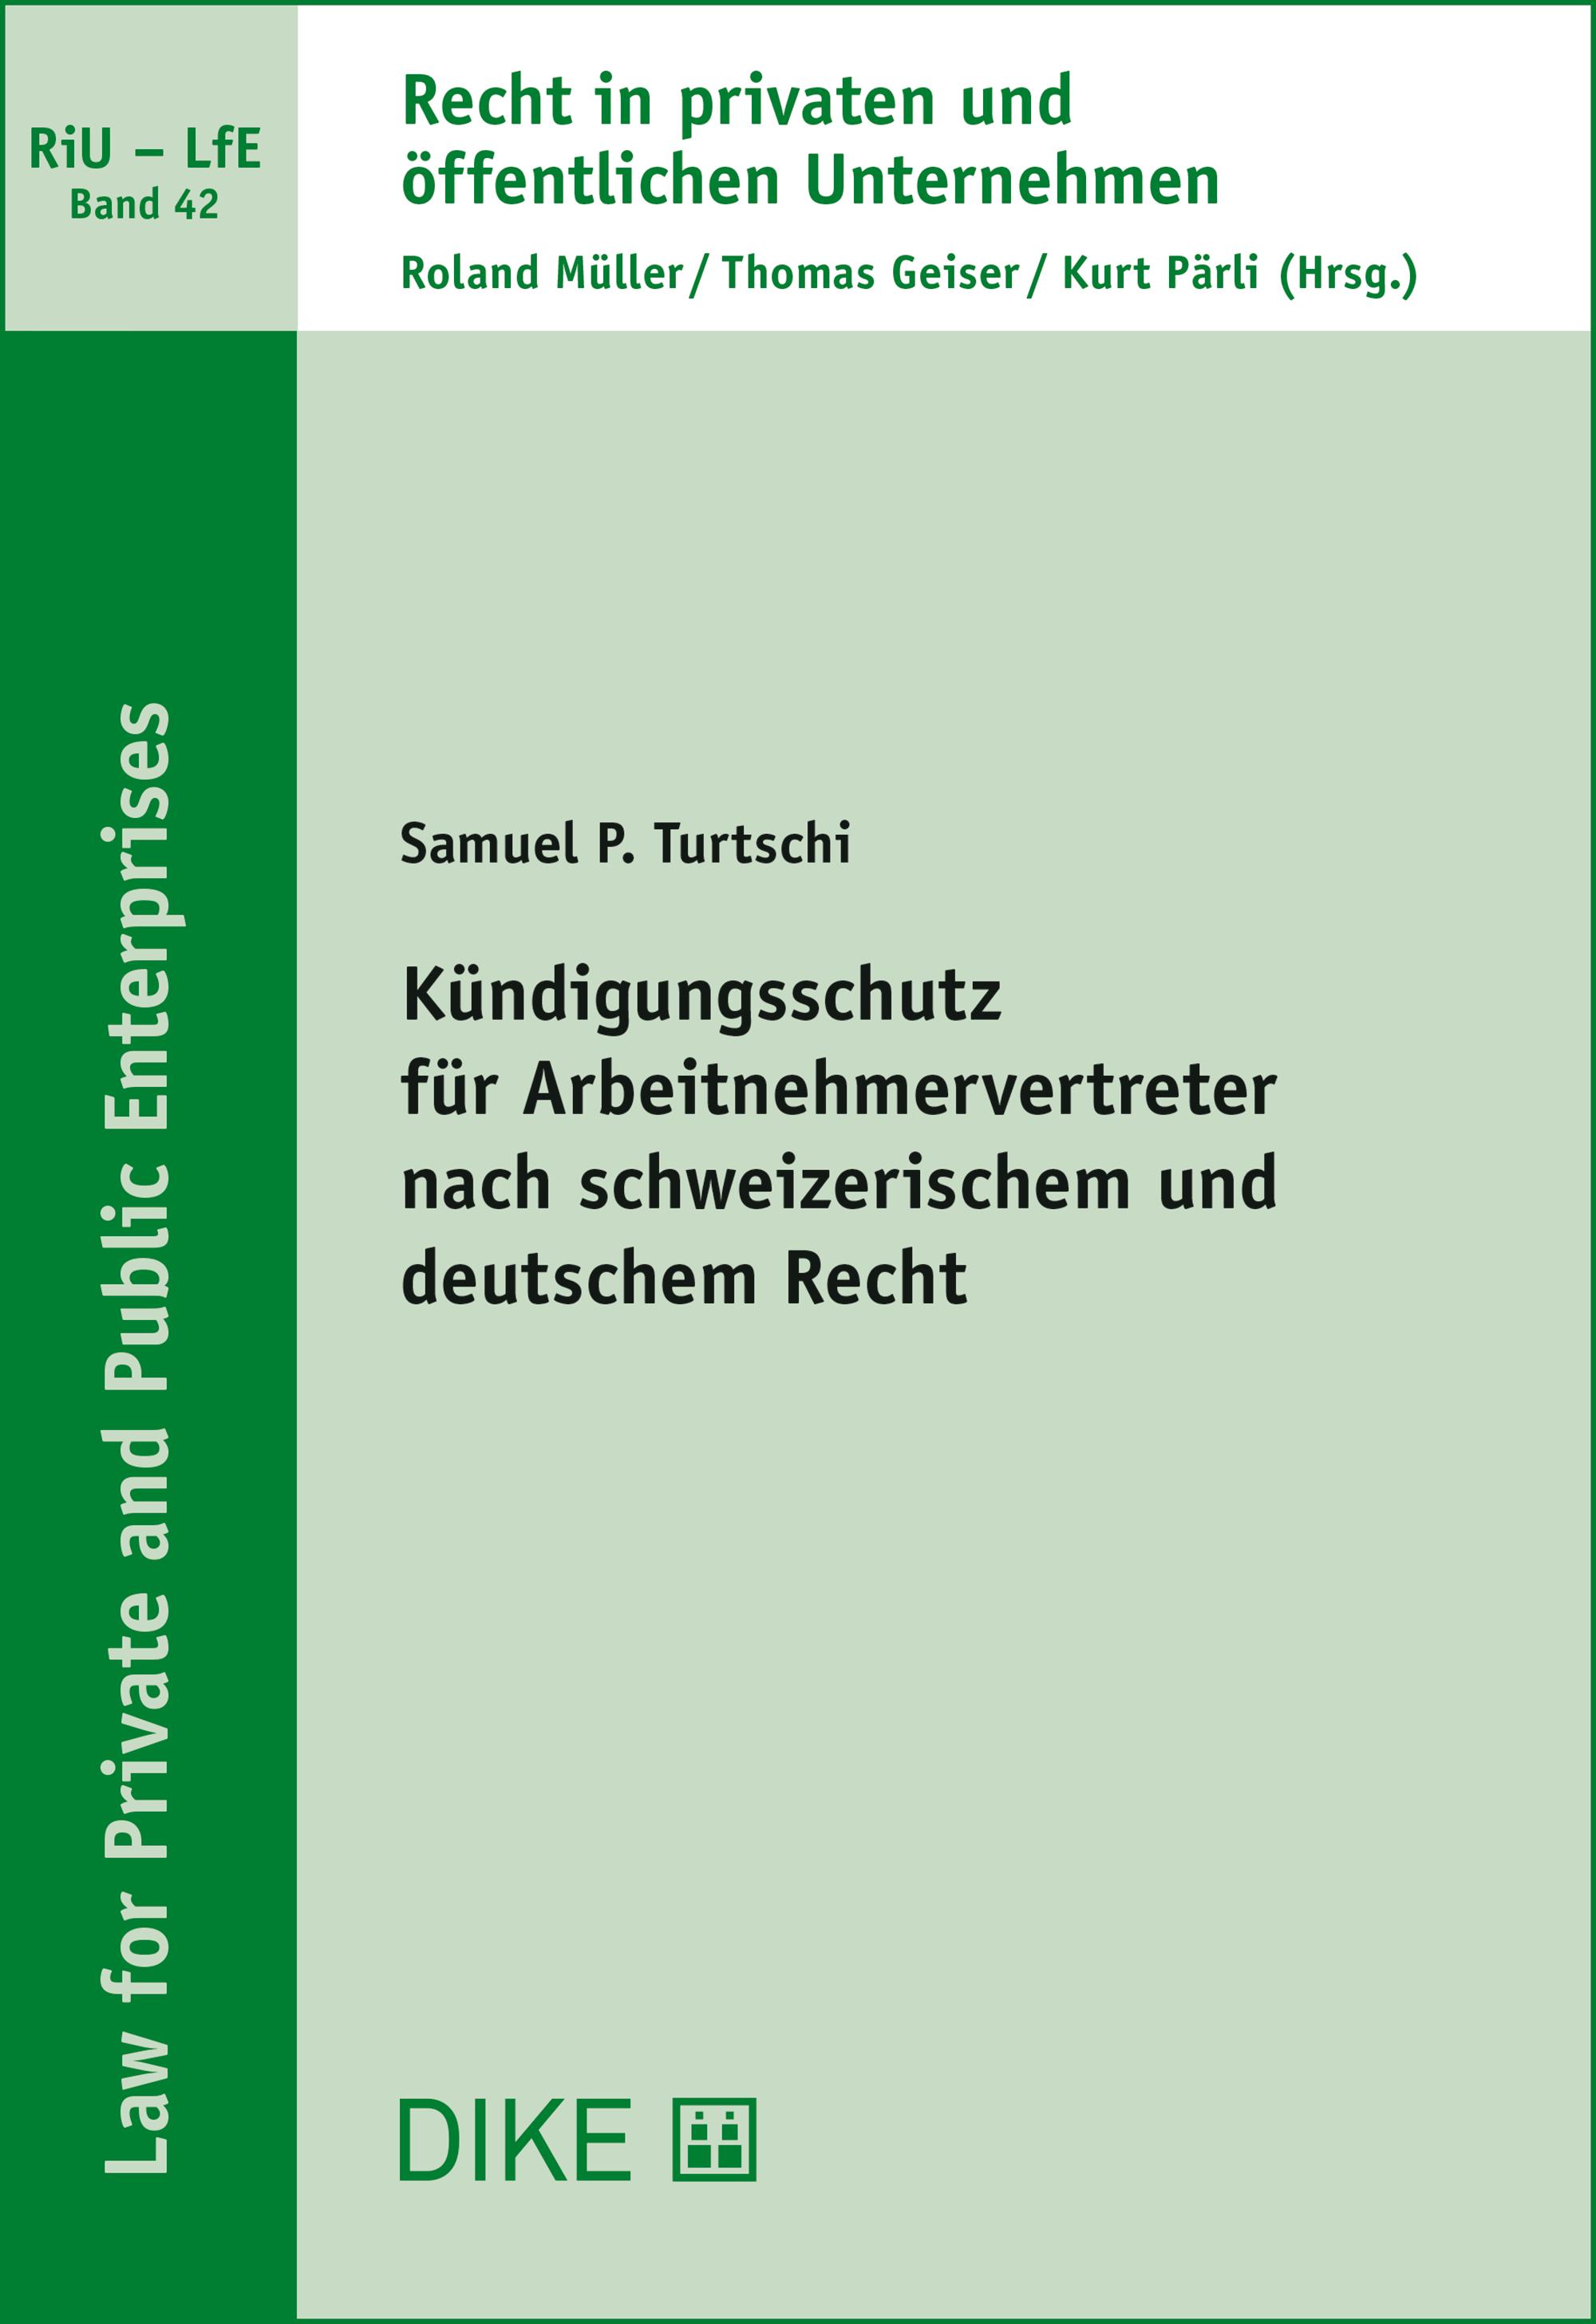 Kündigungsschutz für Arbeitnehmervertreter nach schweizerischem und deutschem Recht